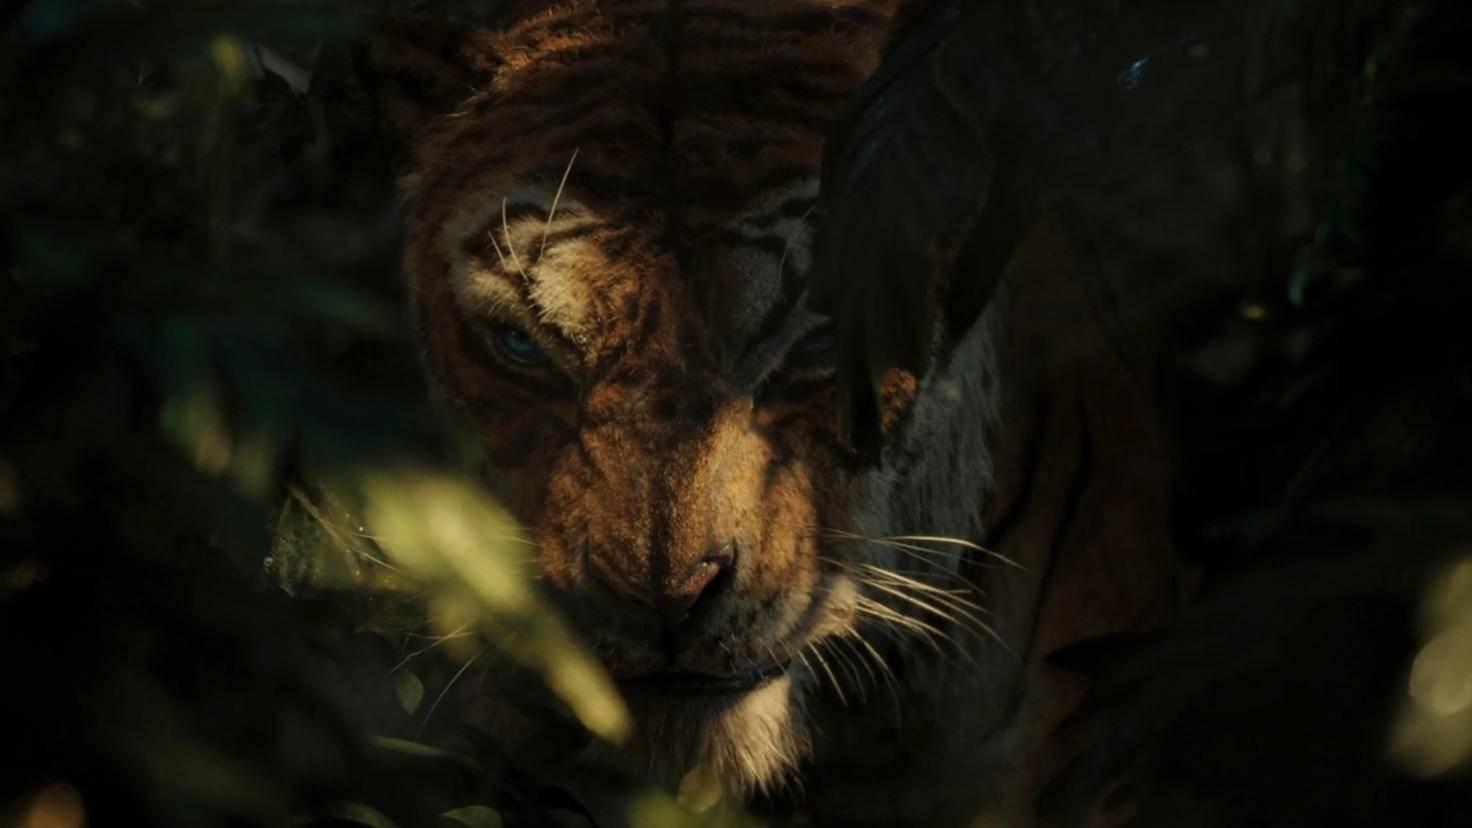 ... der Tiger Shir Khan wirken wie seltsame Zwitterwesen aus Tier und Mensch.